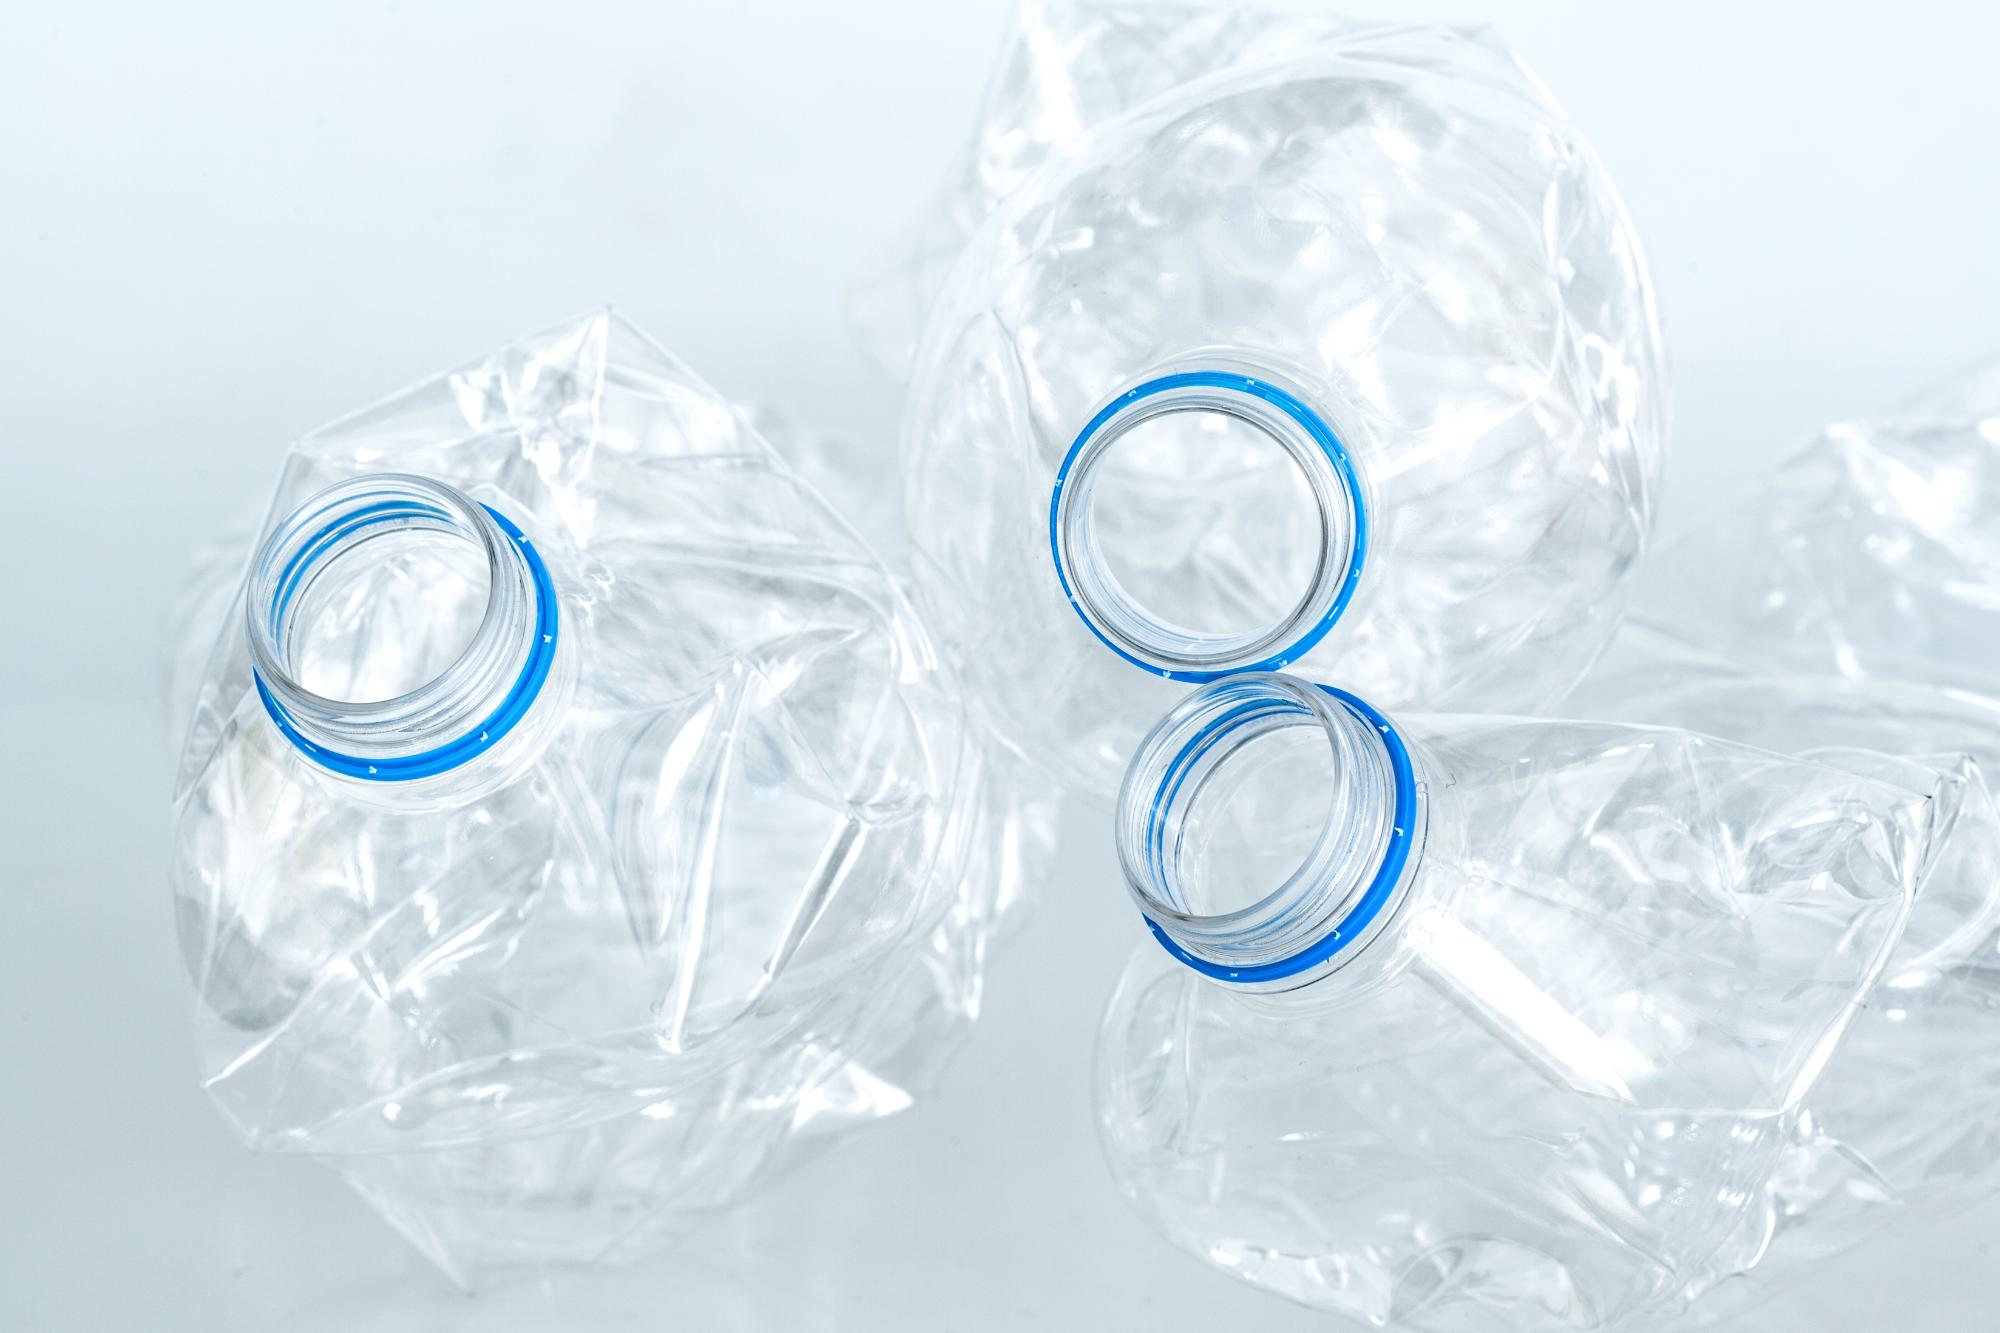 A nivel internacional, la cifra de consumo y producción de plásticos es de 400 millones de toneladaA nivel internacional, la cifra de consumo y producción de plásticos es de 400 millones de tonelada